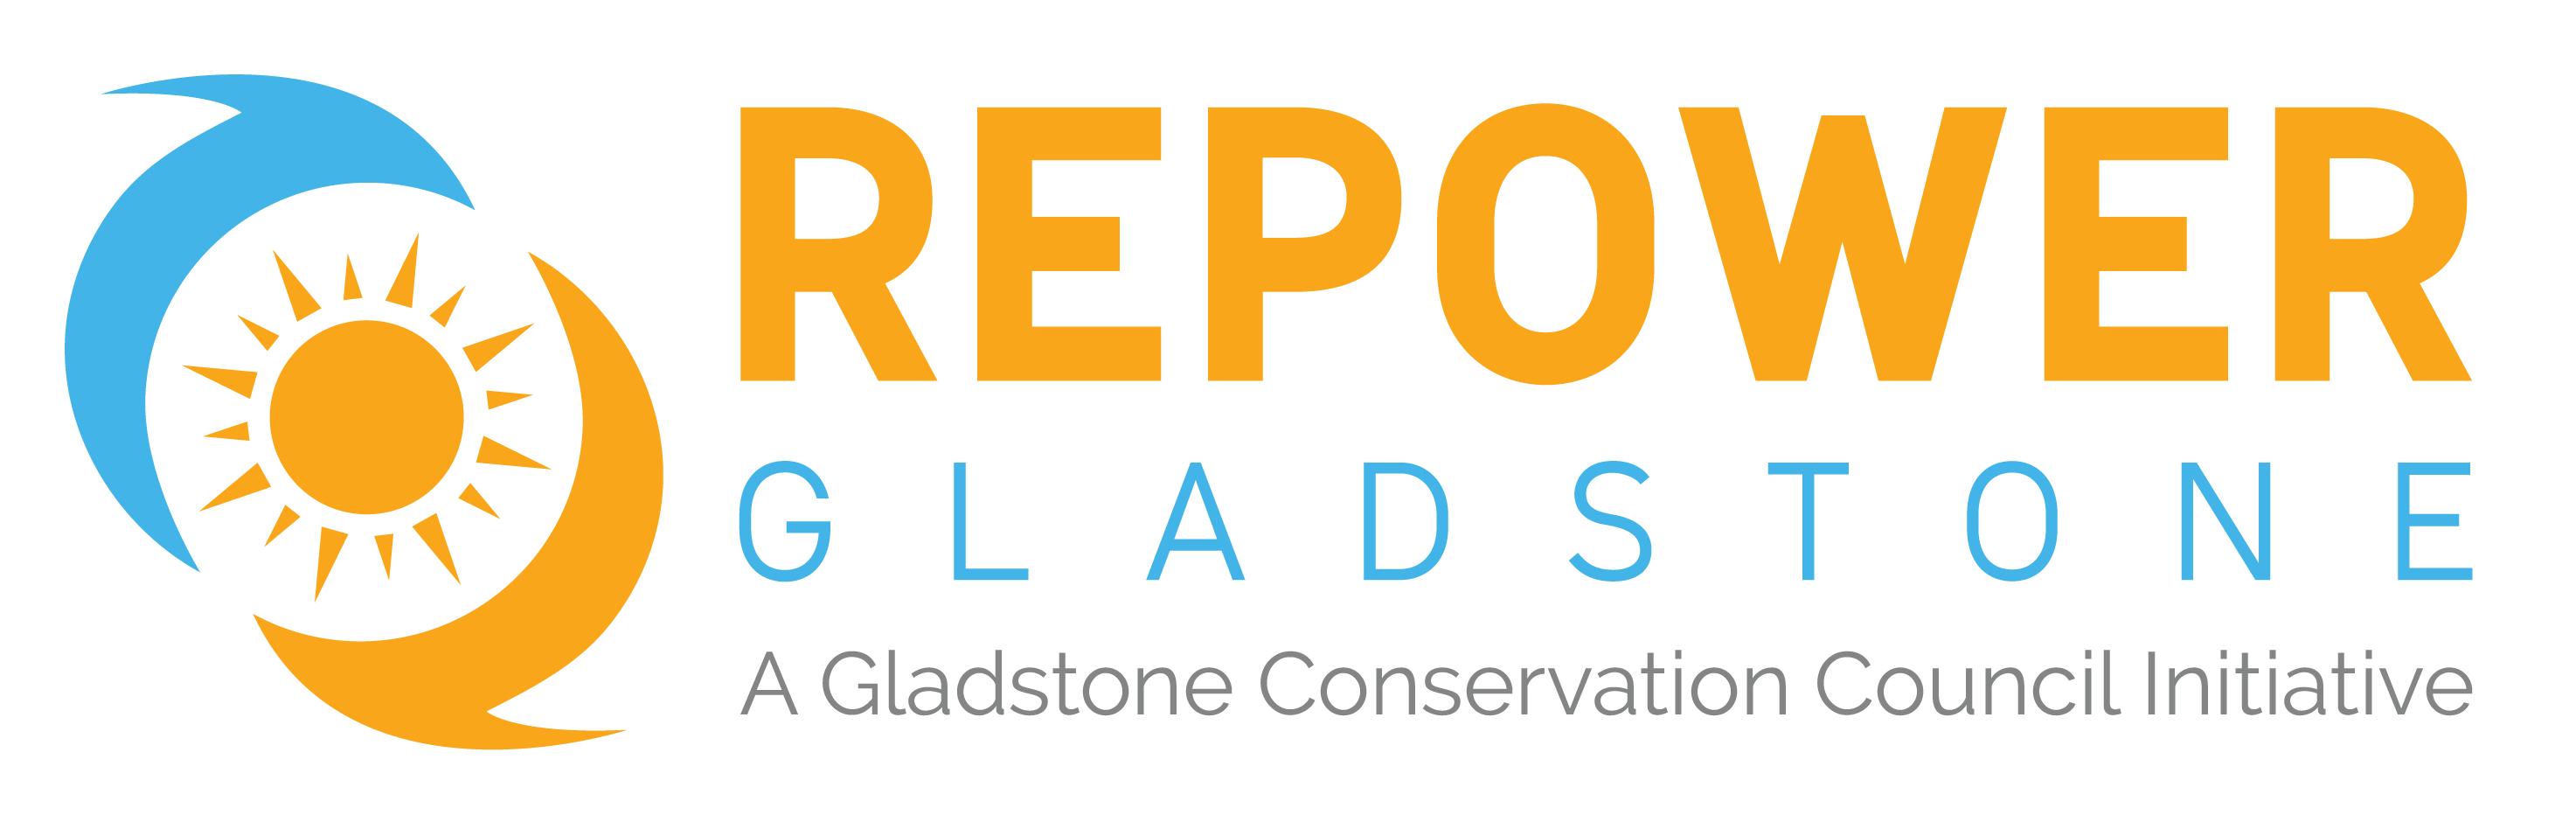 Repower Gladstone